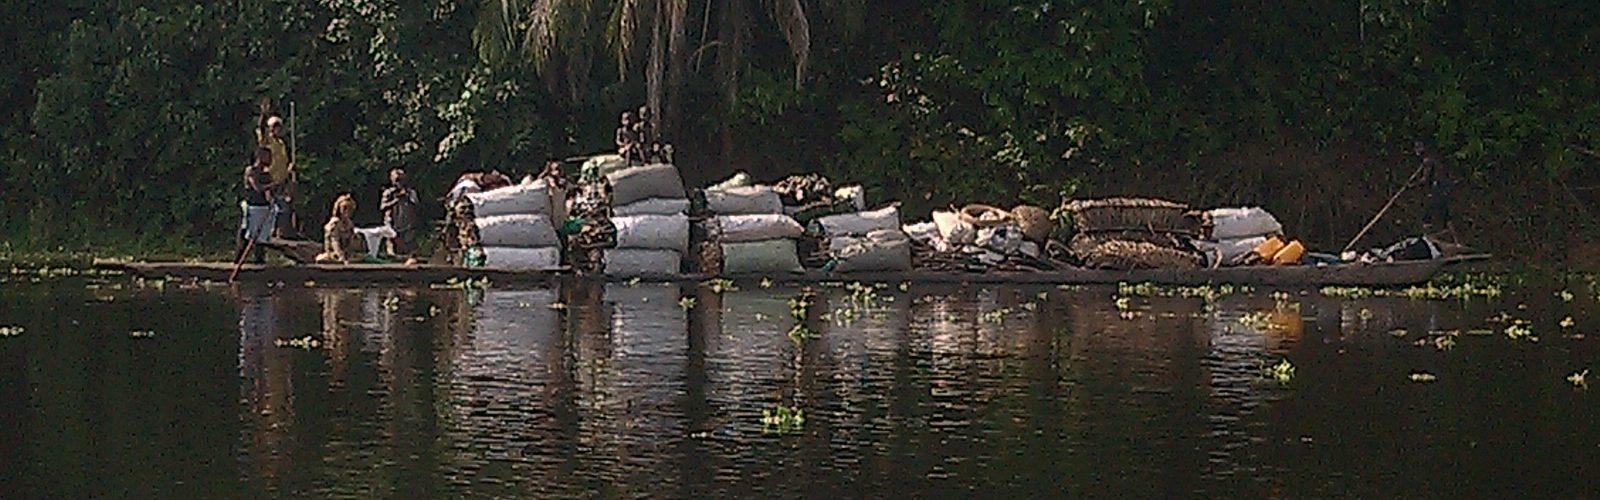 Transport des sacs de Makala sur pirogue sur la rivière Tshopho pour alimenter la ville de Kisangani, province de la Tshopo, RD Congo © Hervé Mukulu